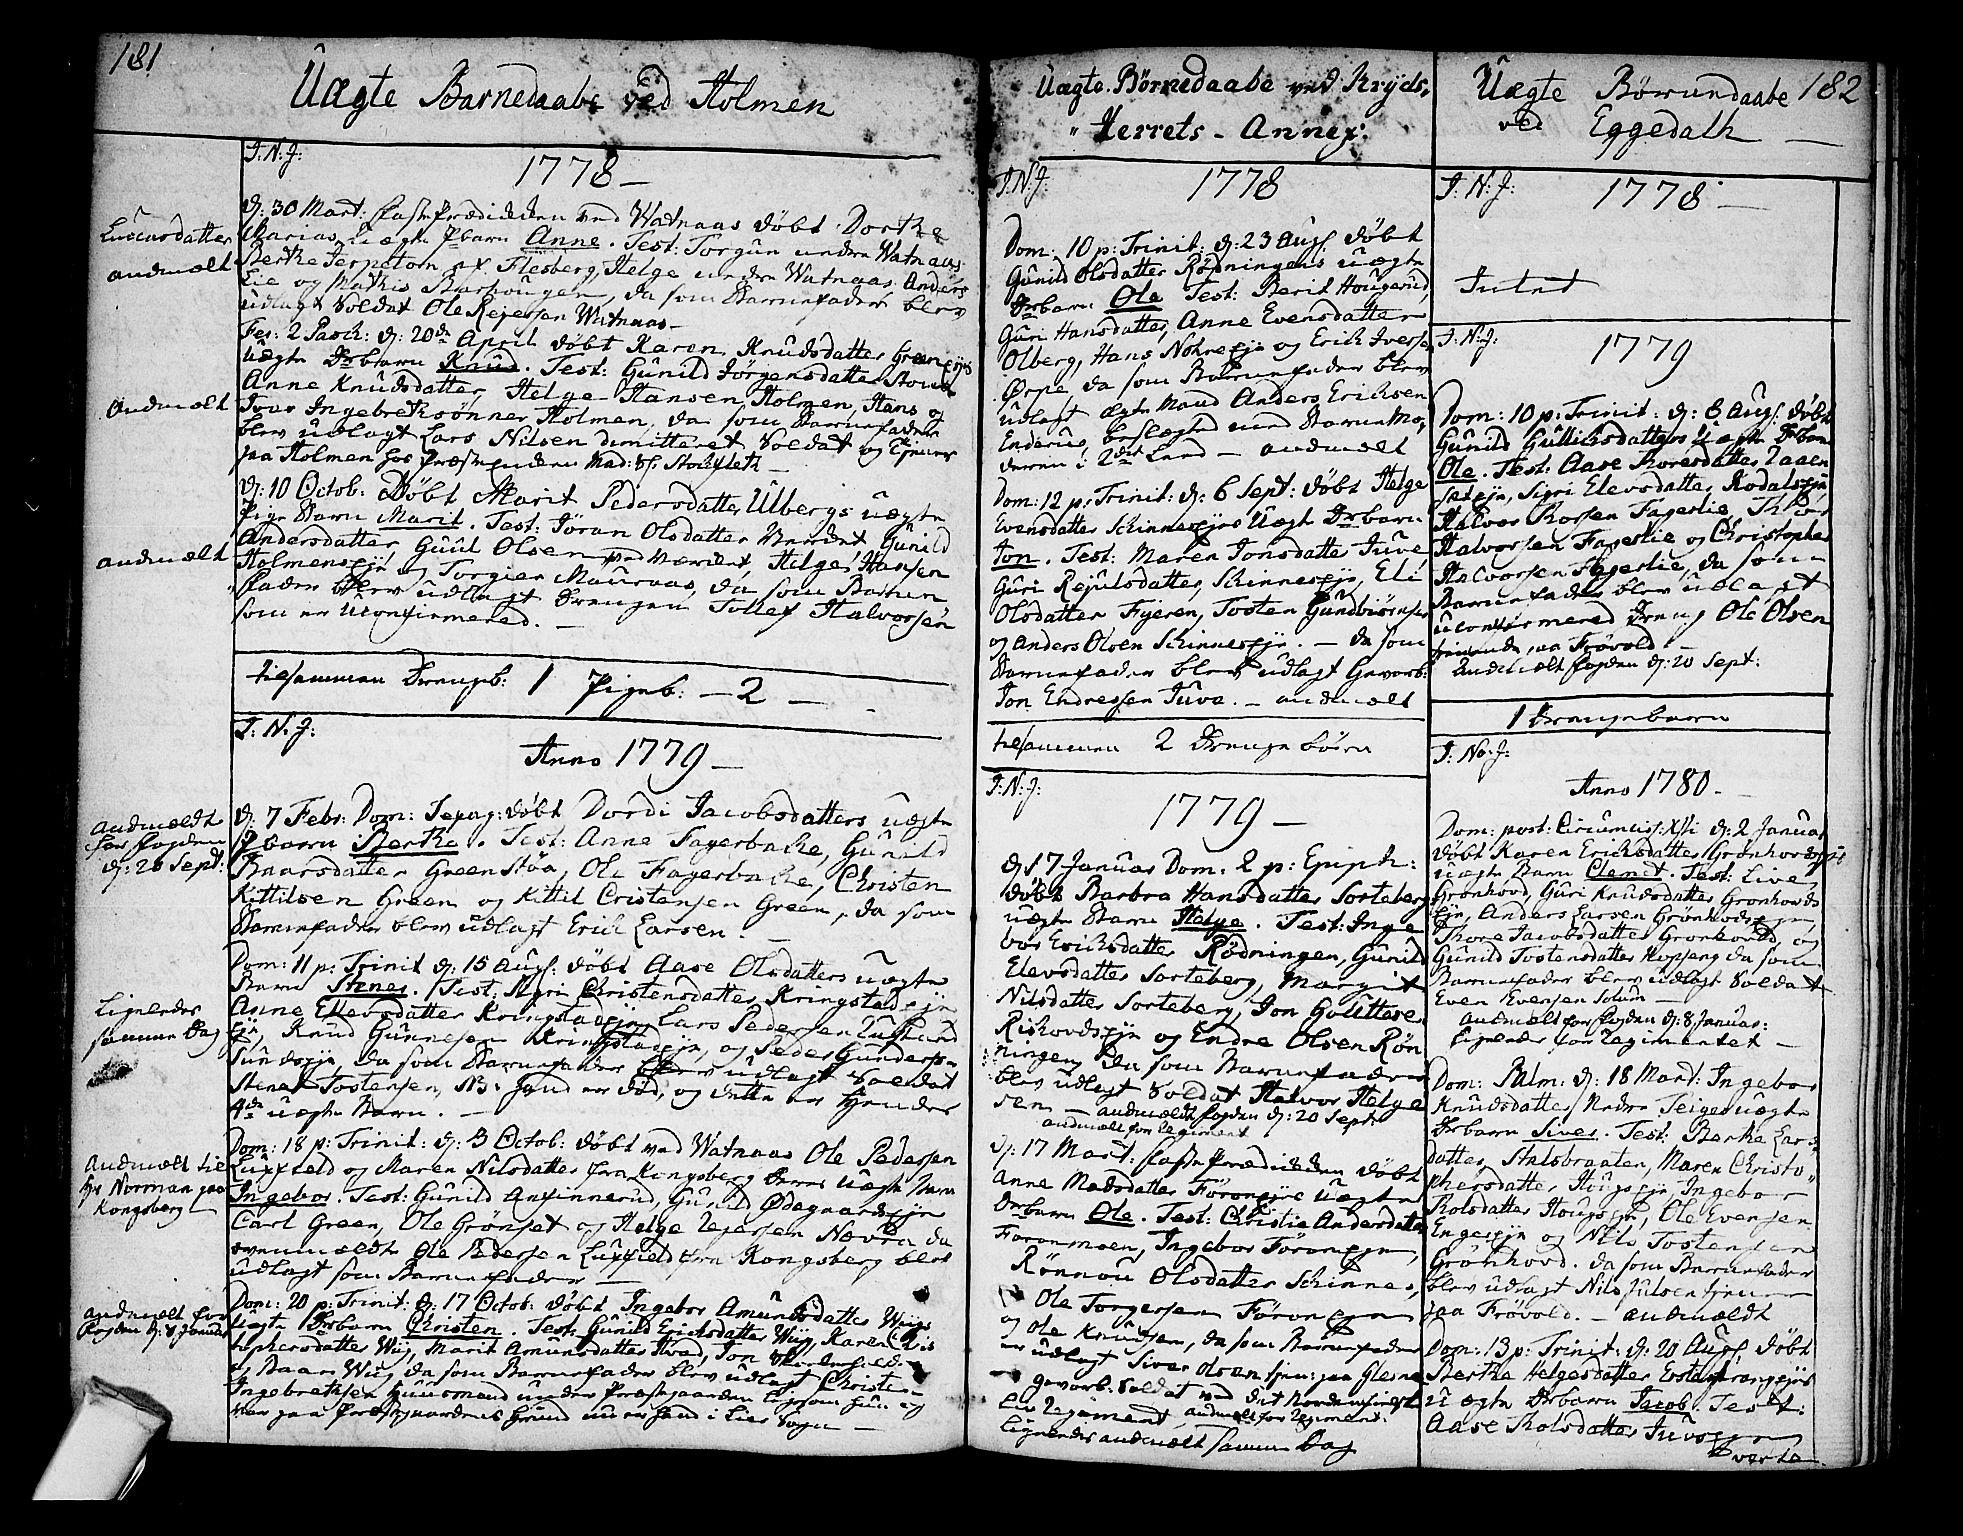 SAKO, Sigdal kirkebøker, F/Fa/L0002: Ministerialbok nr. I 2, 1778-1792, s. 181-182